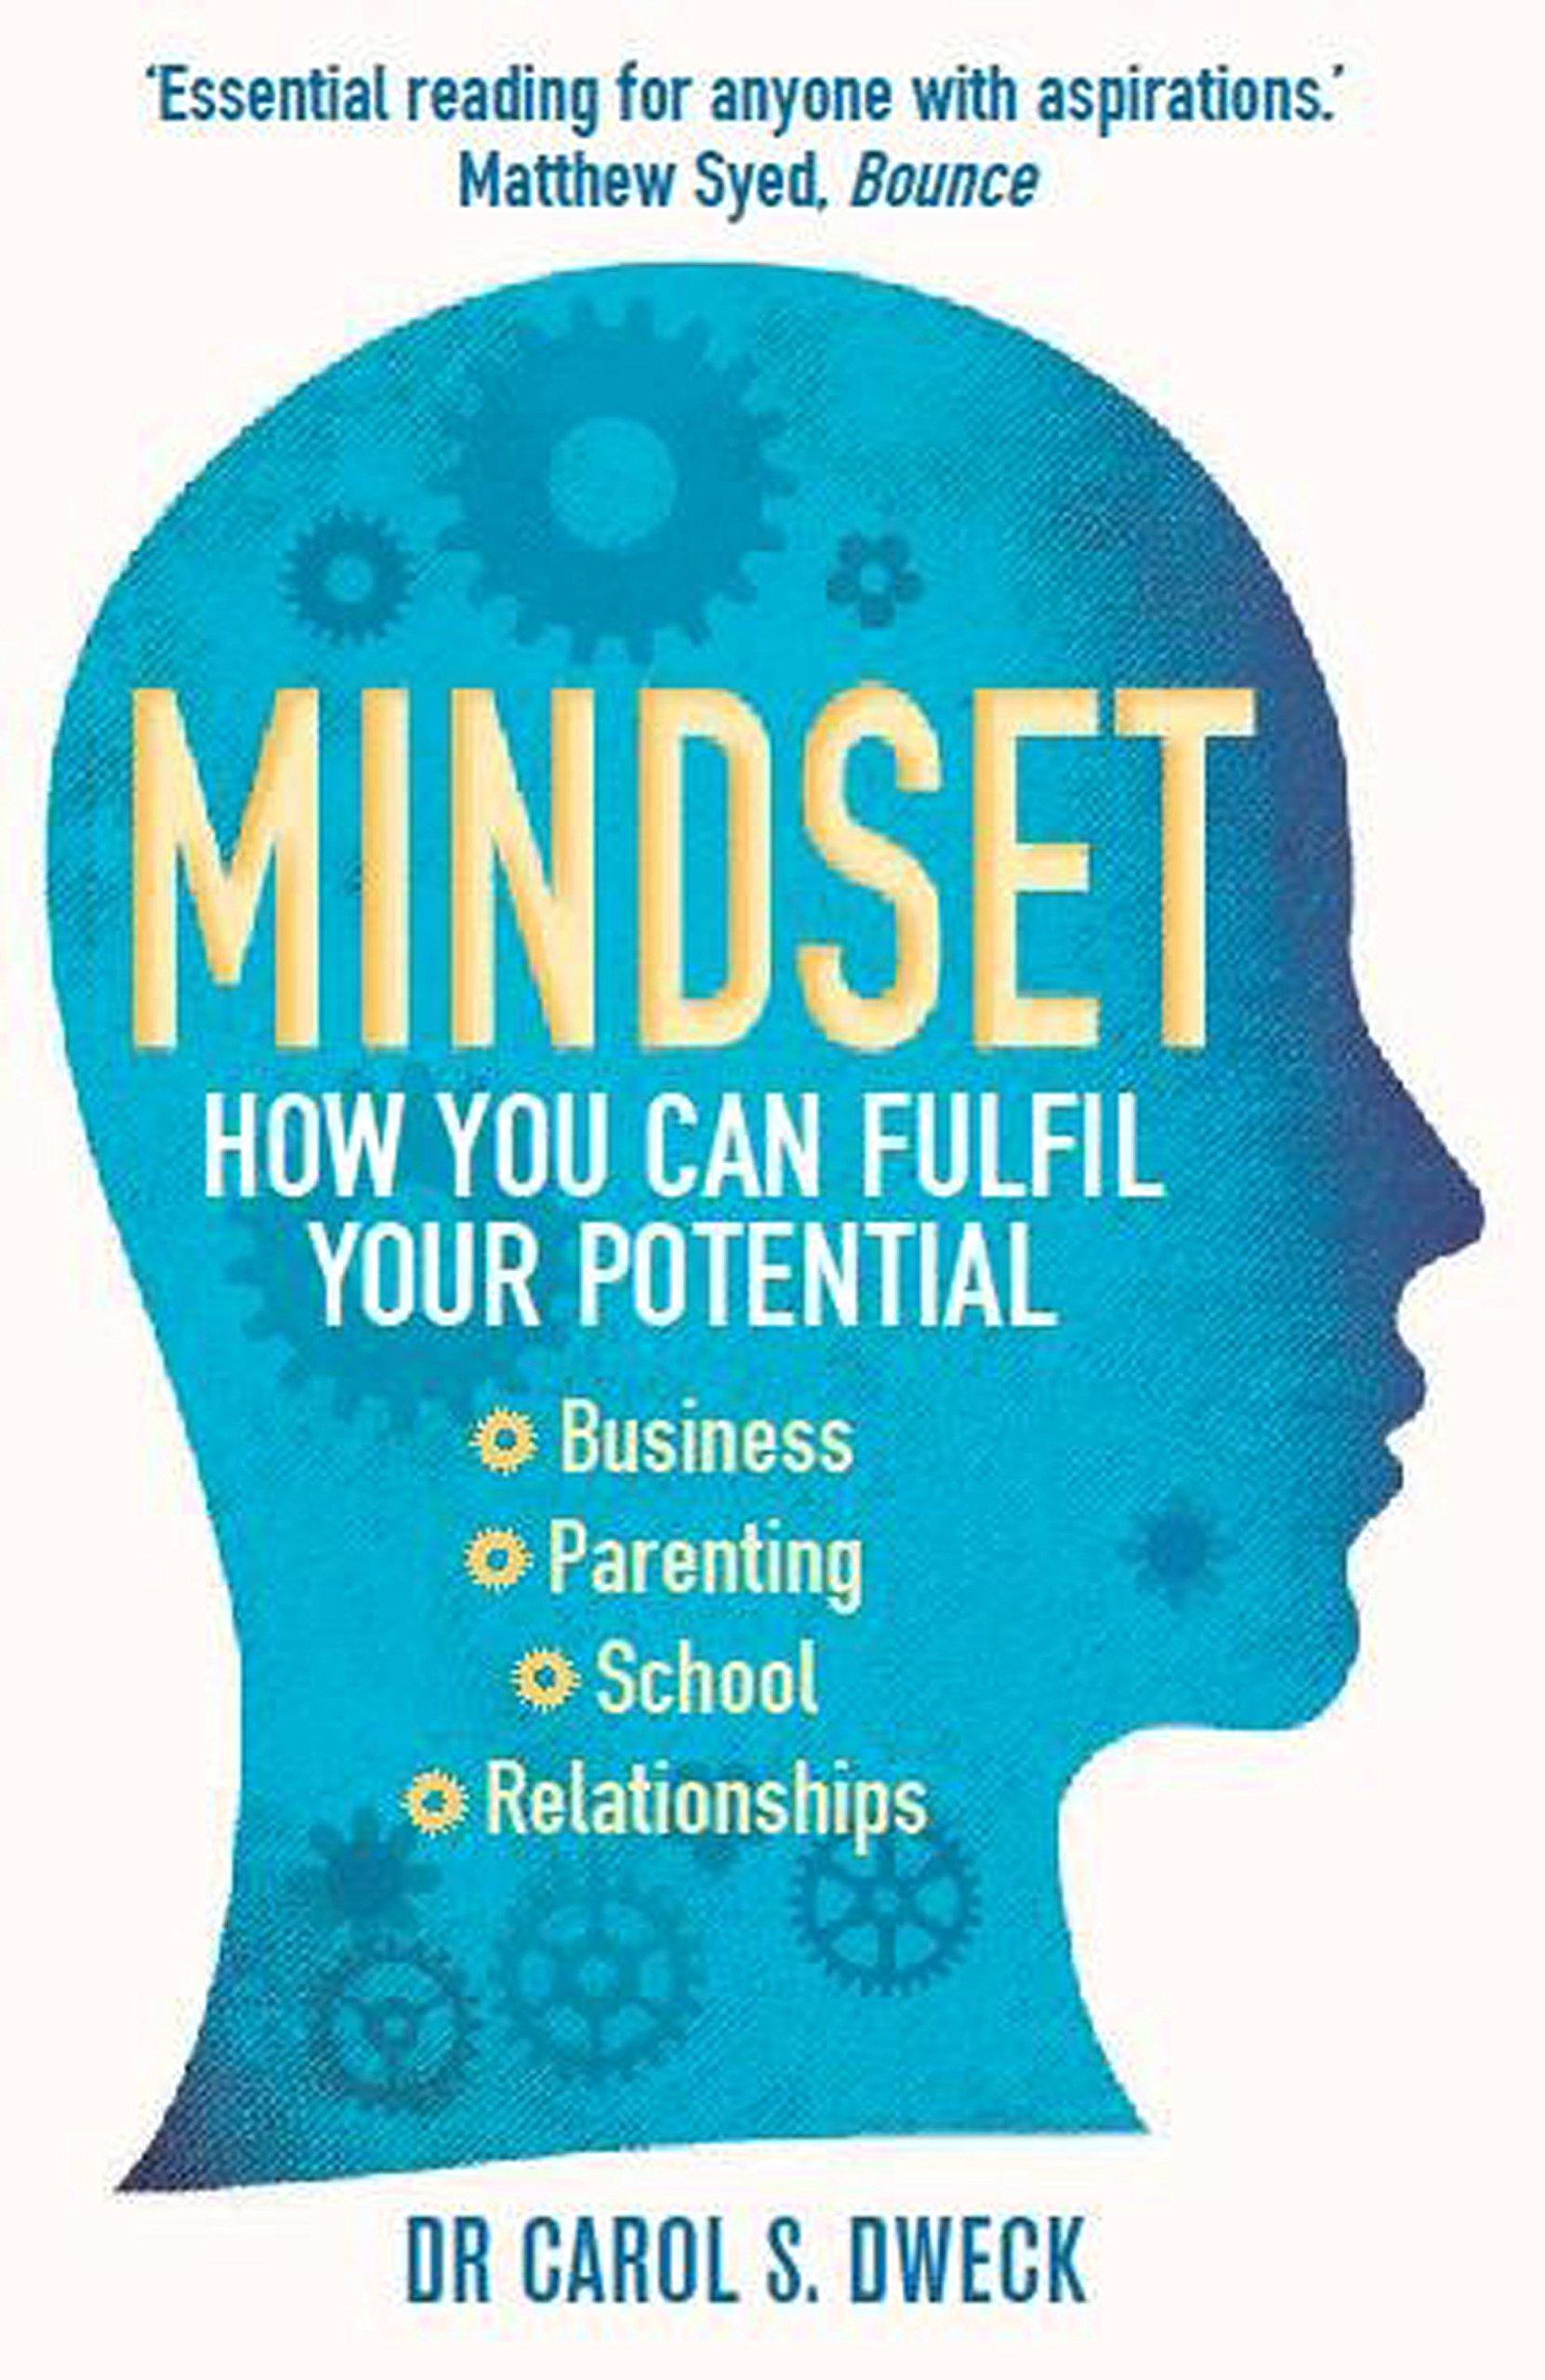 Carol dweck mindset book